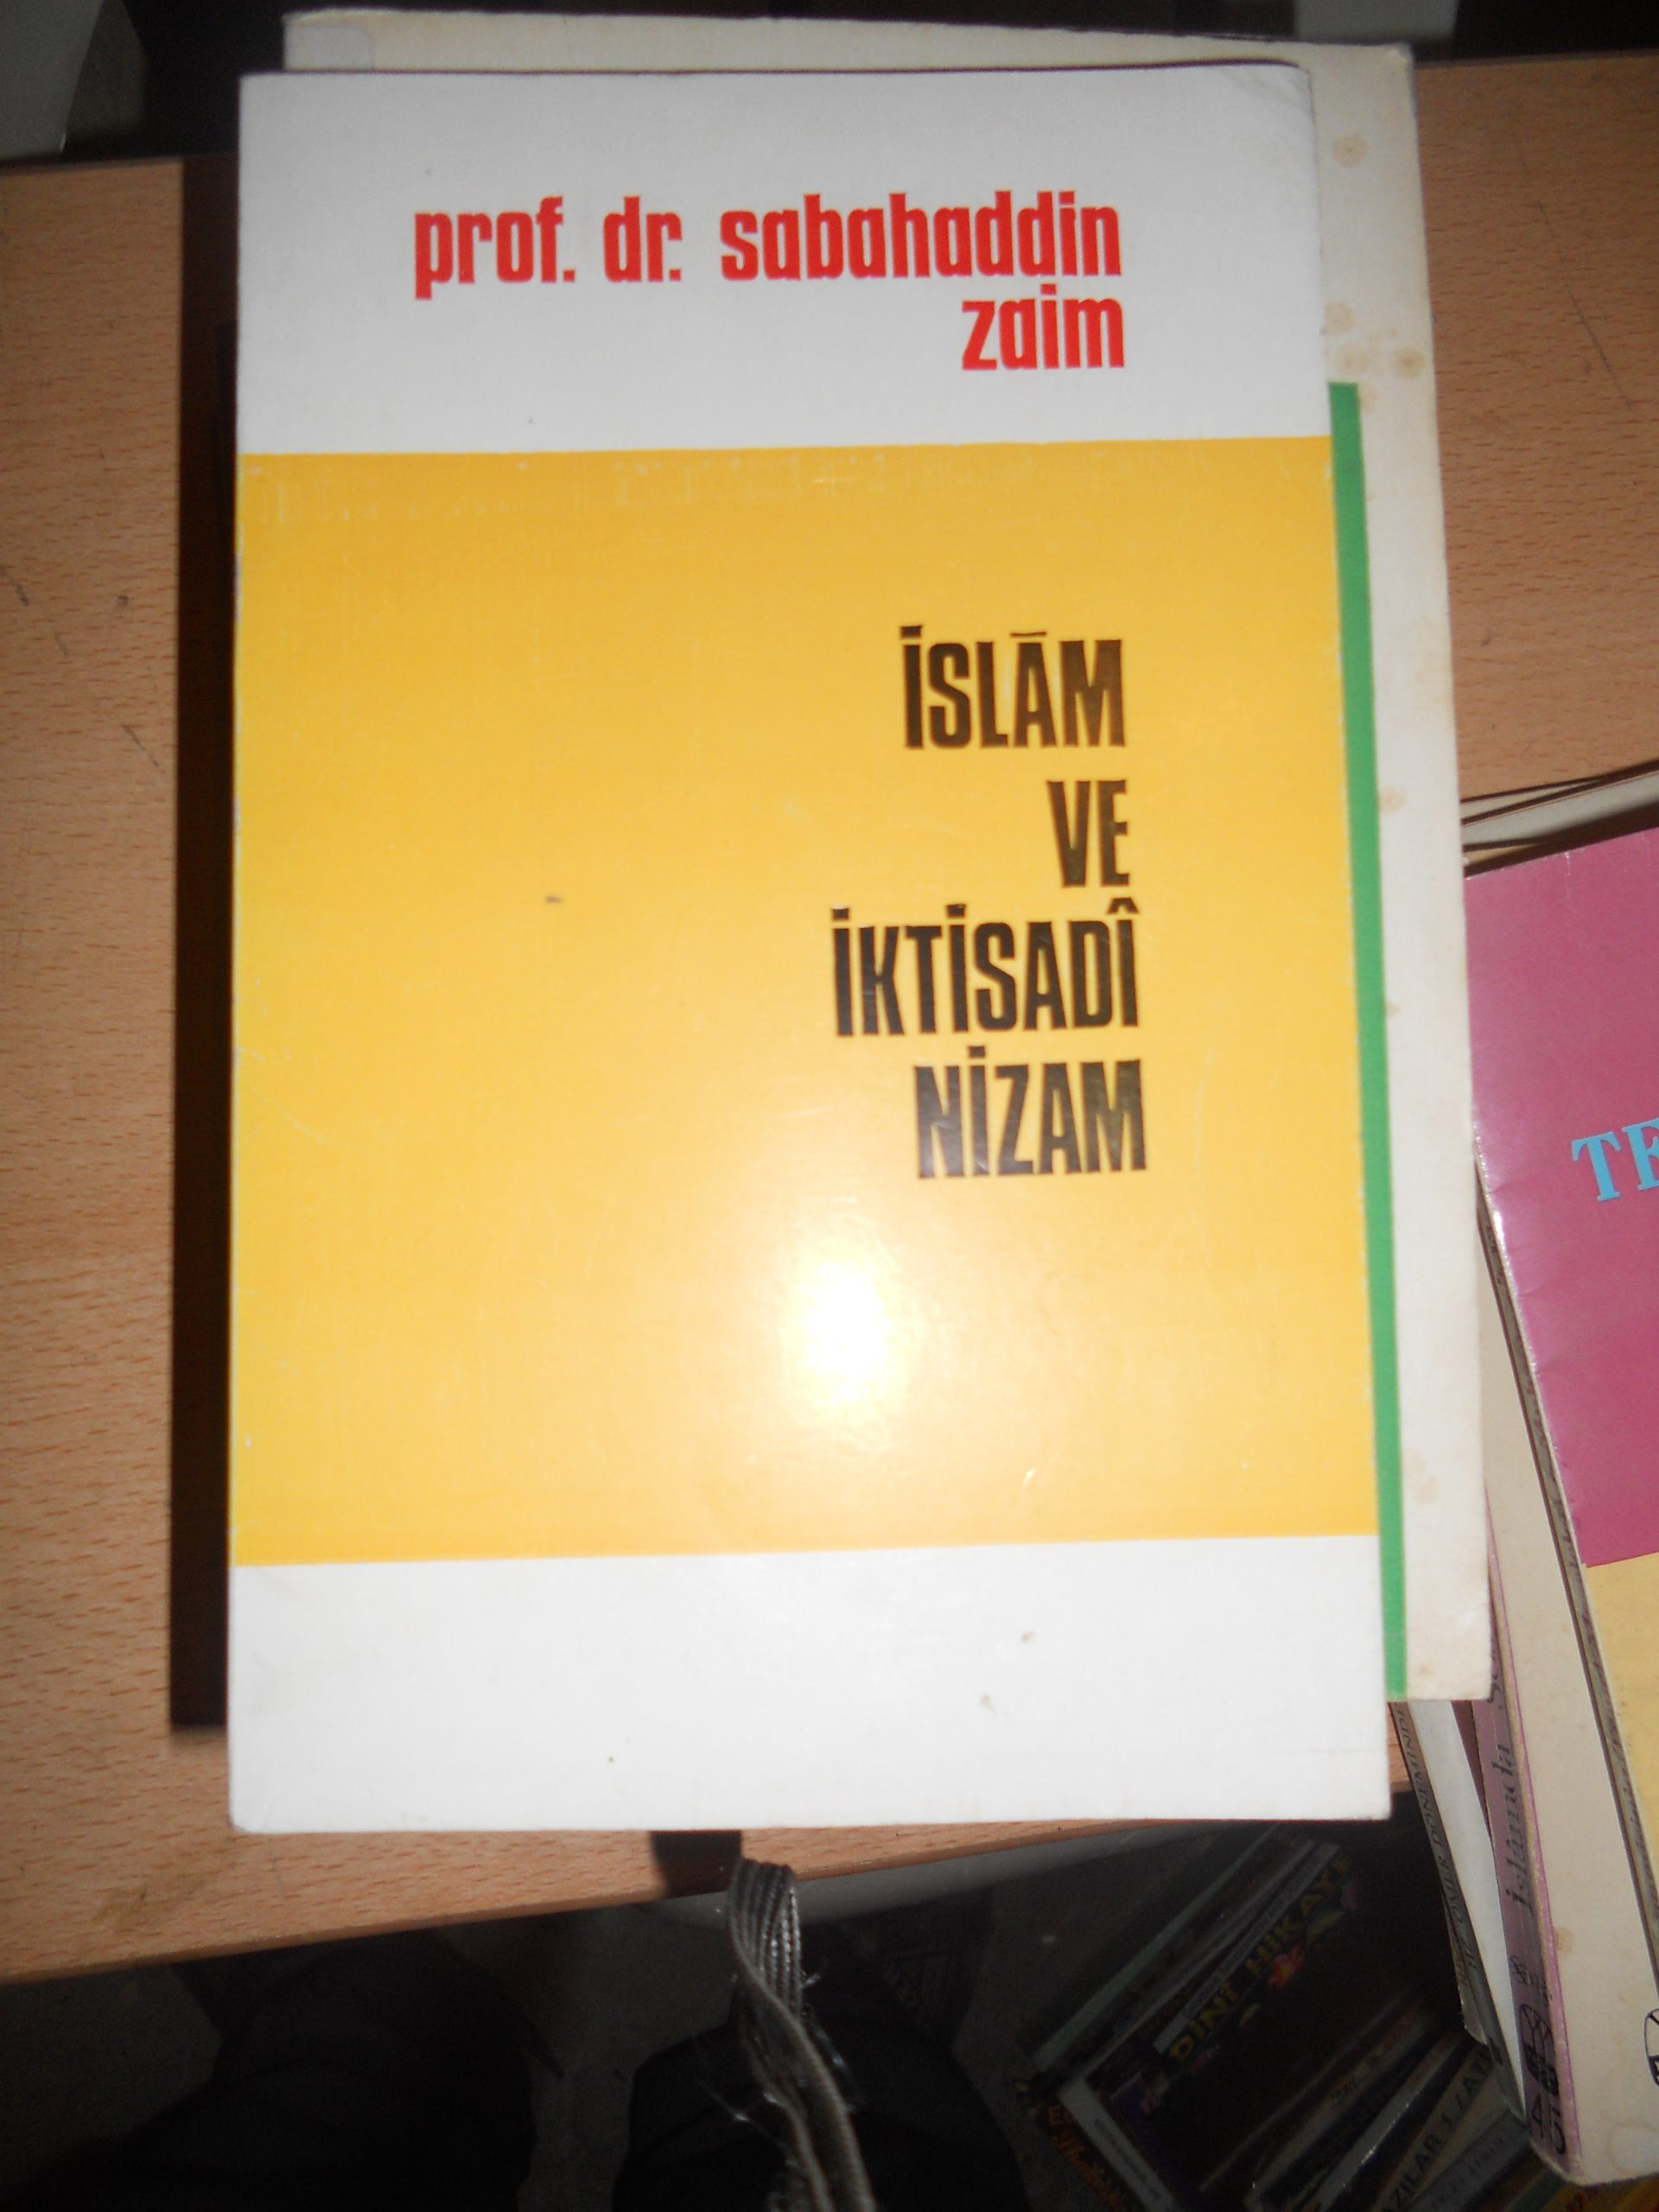 İSLAM VE İKTİSADİ NİZAM/Sabahaddin ZAİM/ 5 TL(satıldı)